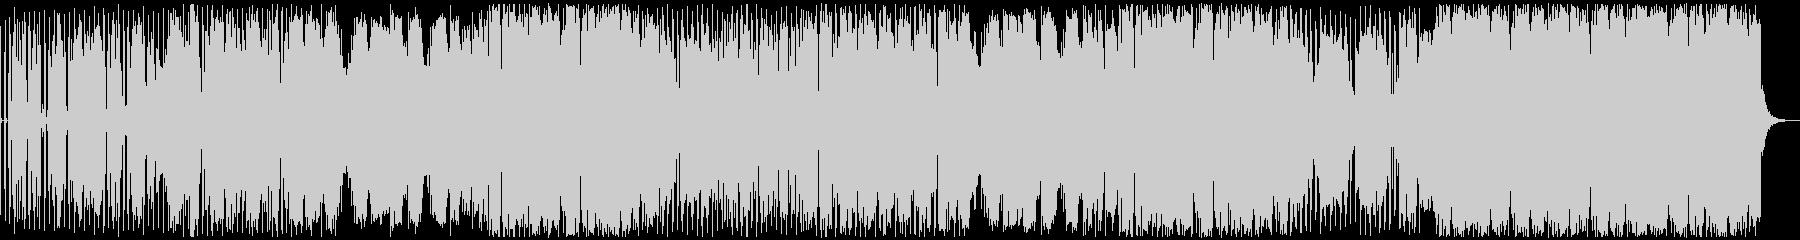 ファンクなシンセ曲の未再生の波形